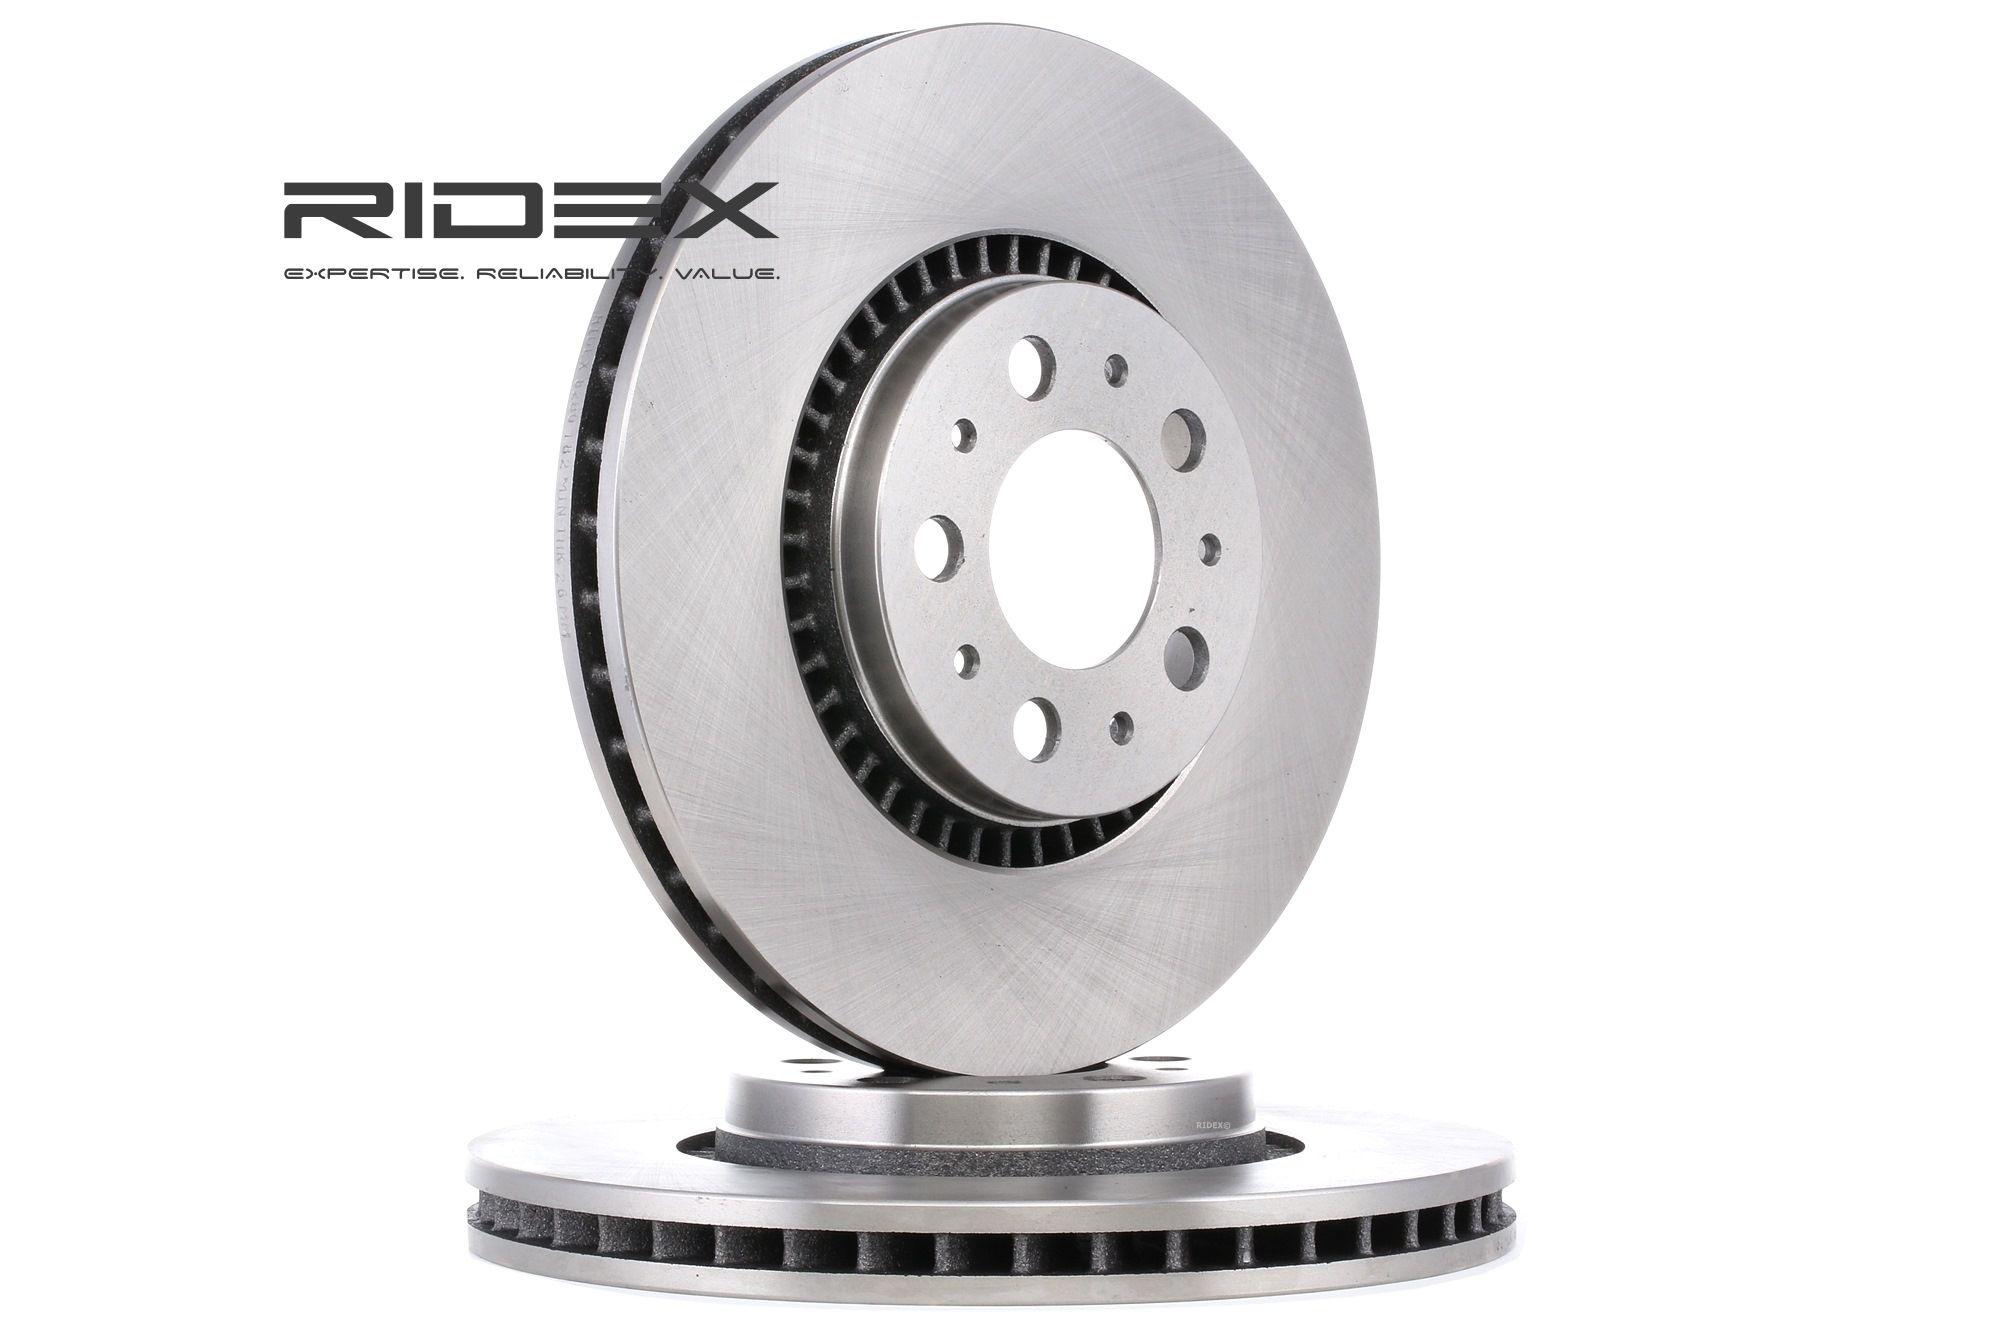 VOLVO XC70 2014 Bremsscheiben - Original RIDEX 82B0182 Ø: 305mm, Ø: 305,0mm, Lochanzahl: 5, Felge: 5-loch, Bremsscheibendicke: 27,9mm